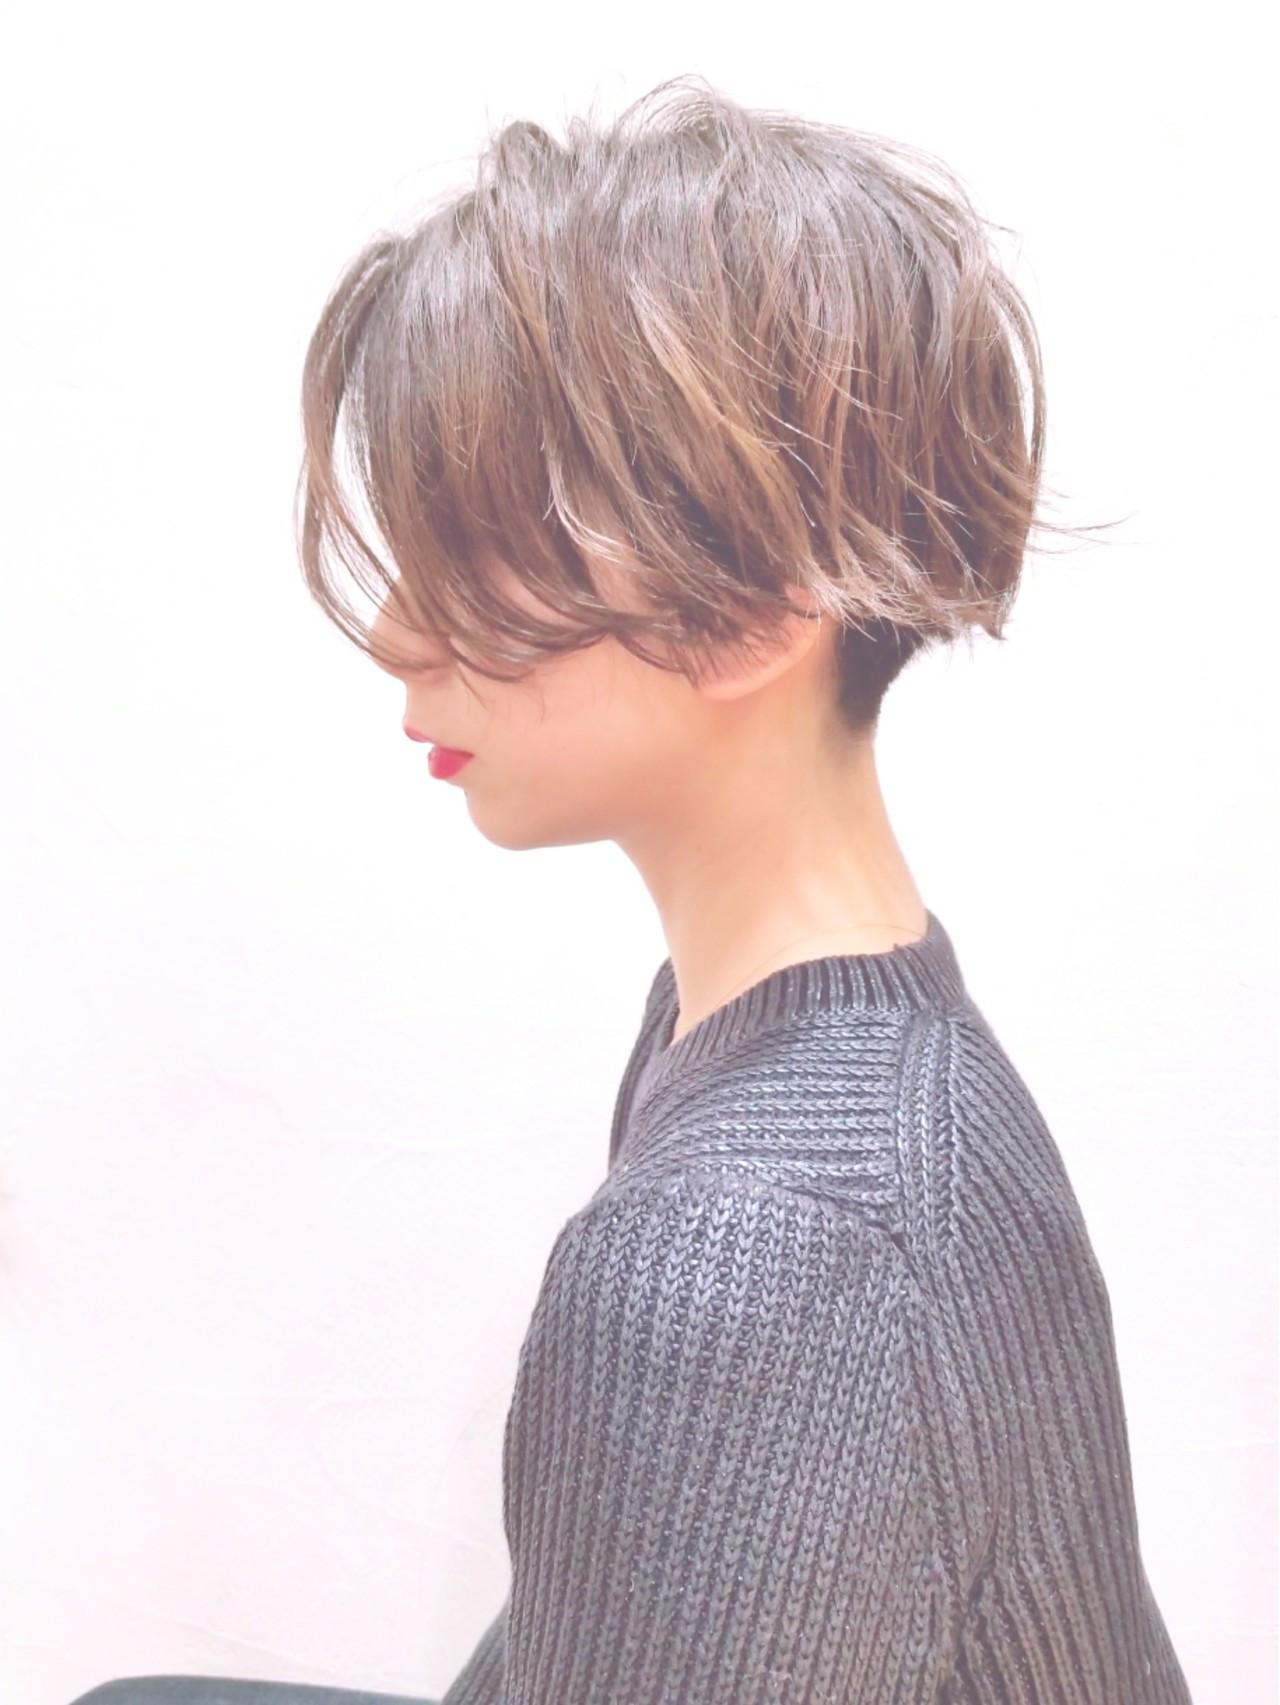 モードっぽさ抜群!襟足刈り上げショート 川田 義人 …GREEK hairdesign | GREEK hairdesign【グリーク】